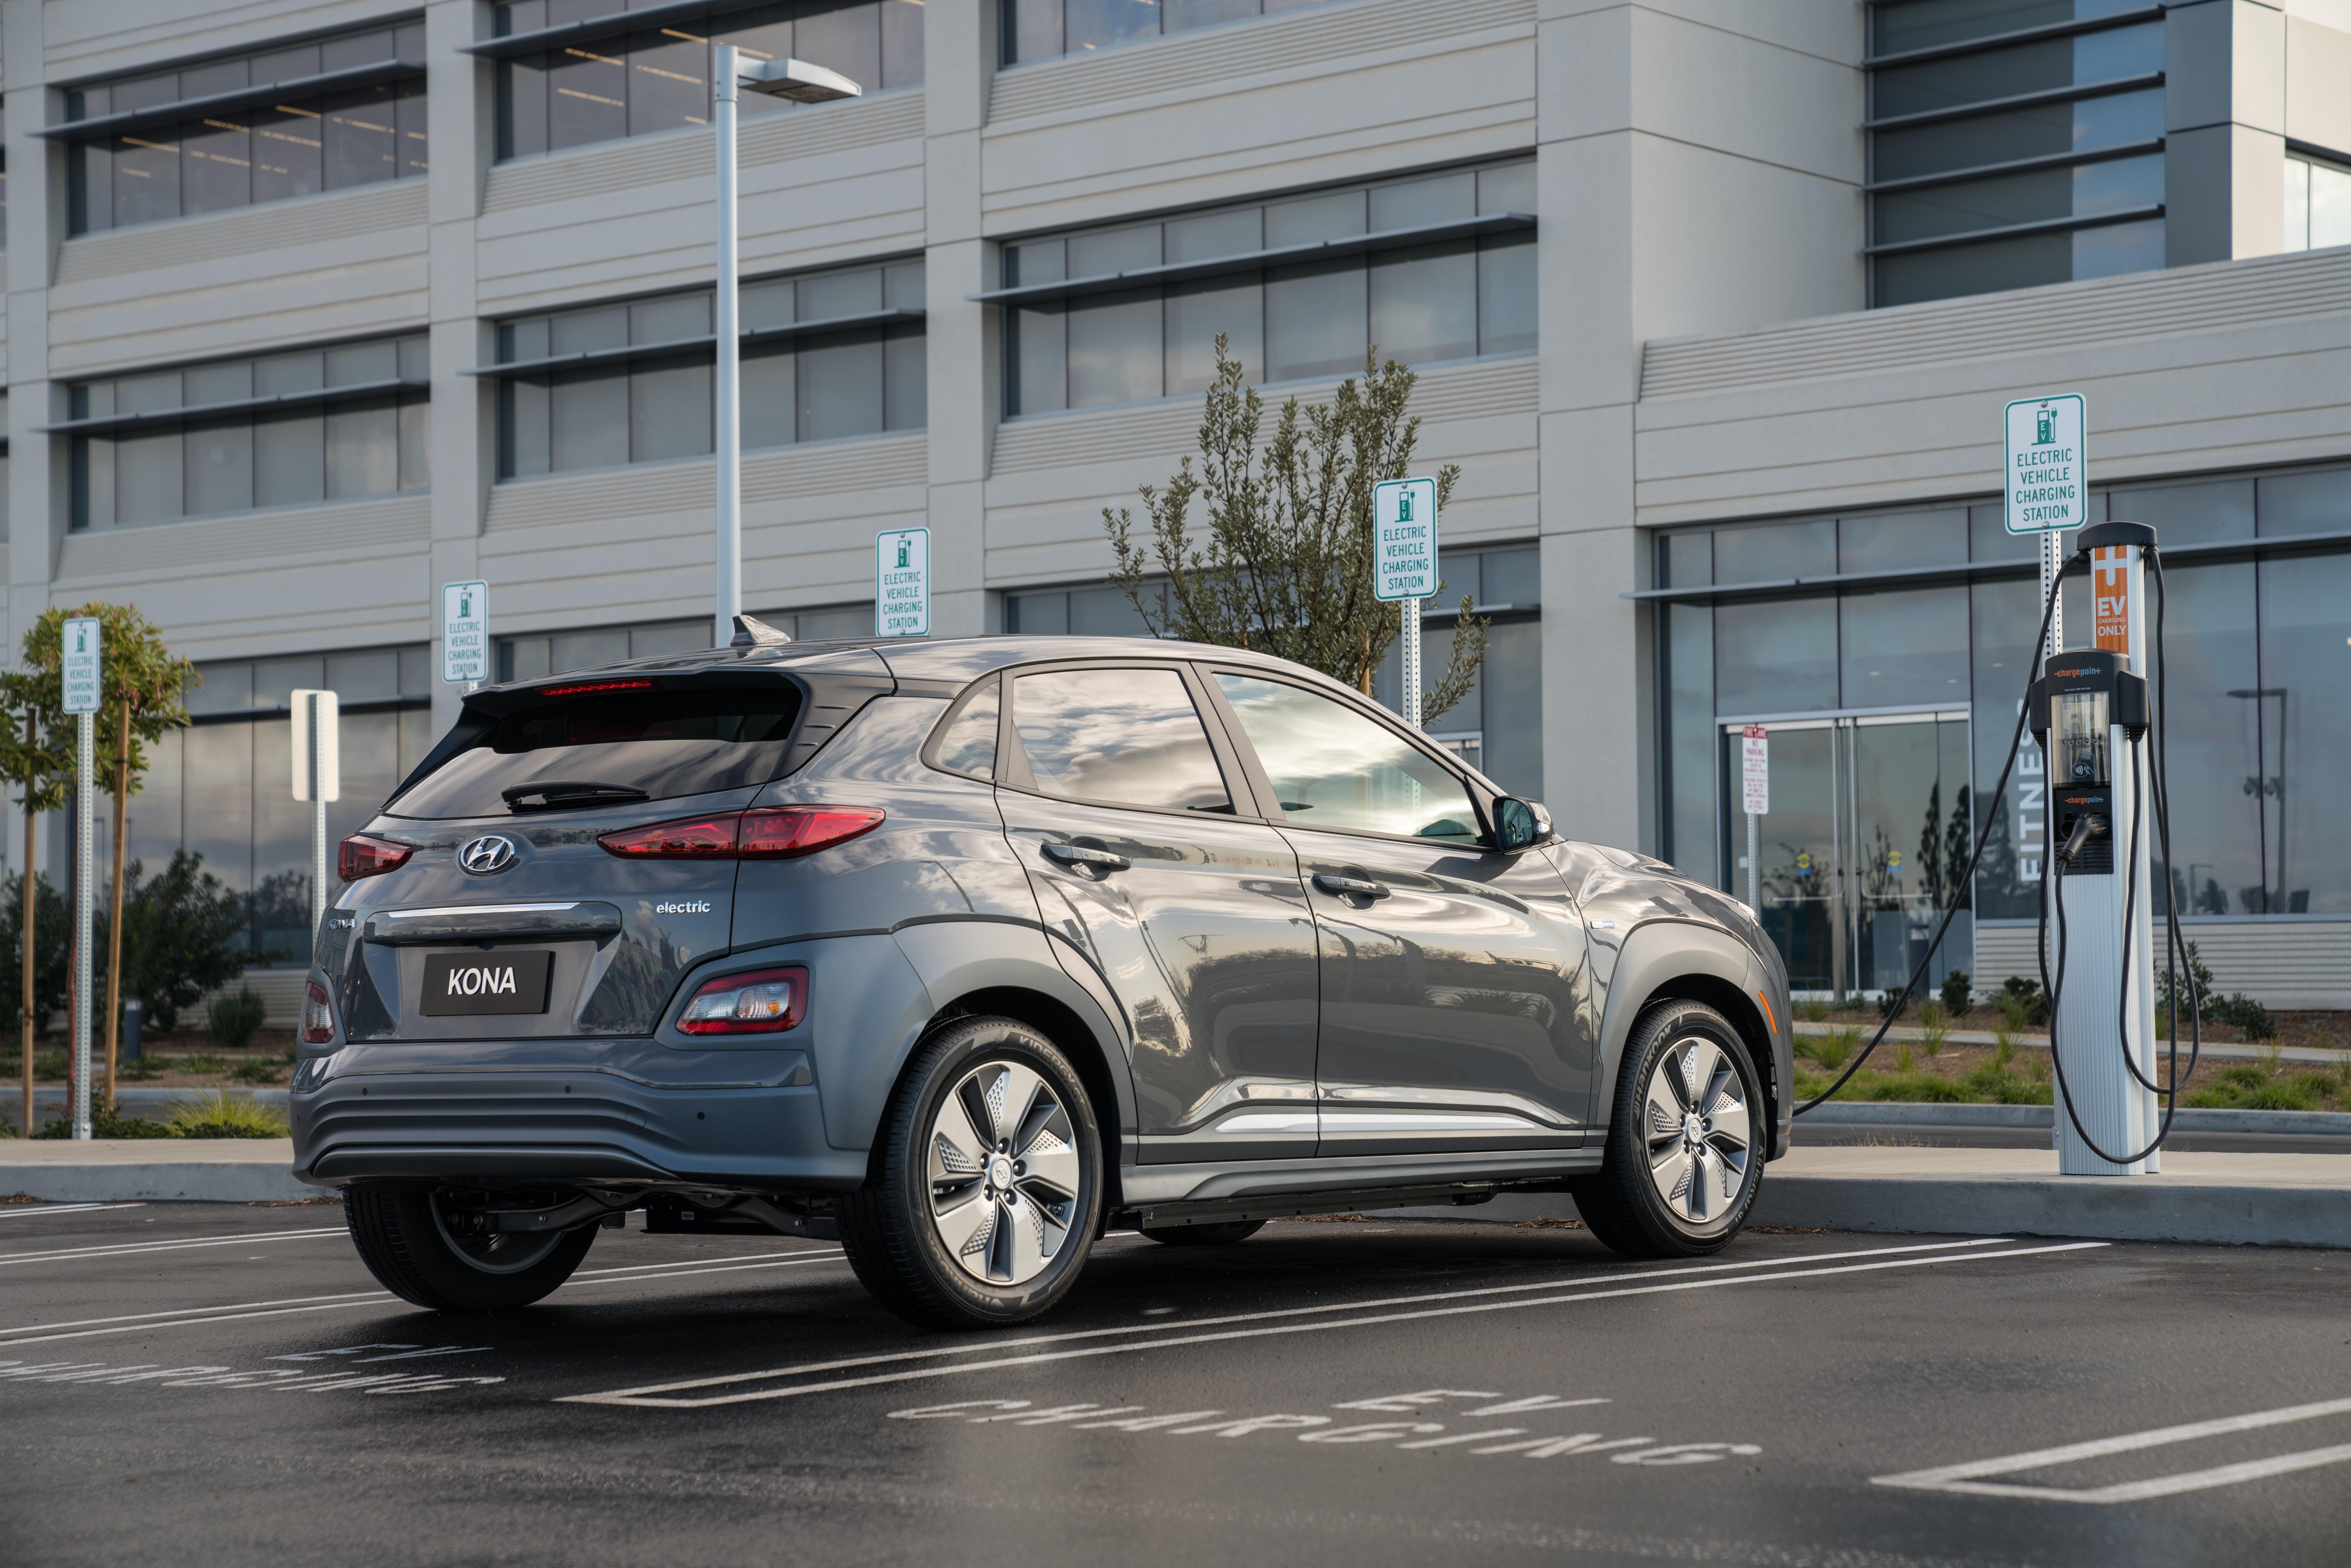 Hyundai Kona EV price set